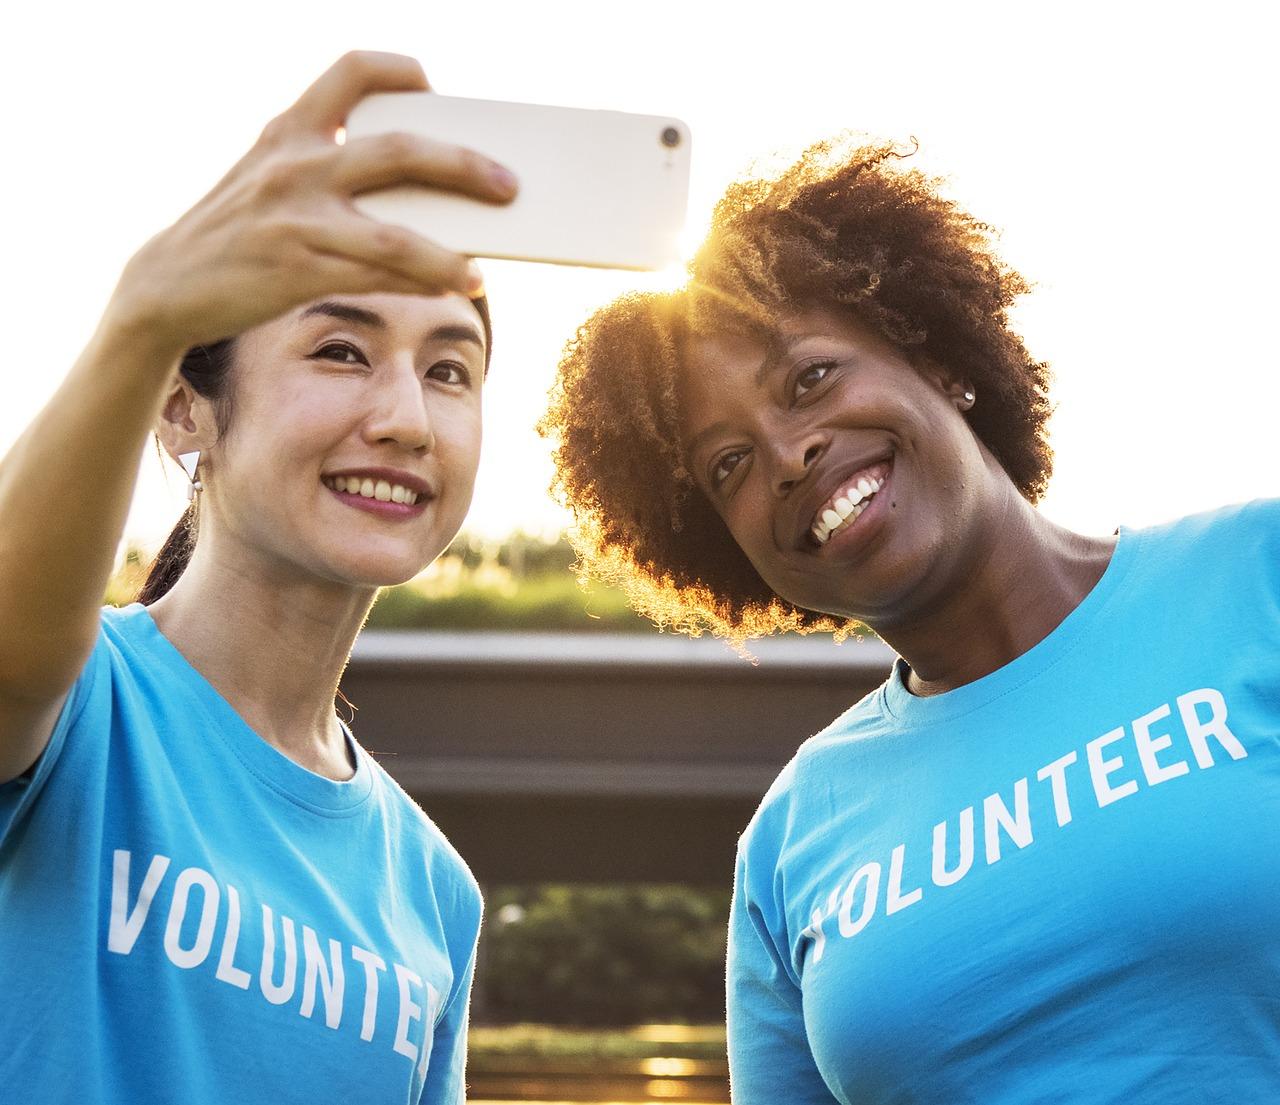 Ways to Volunteer in Your Community